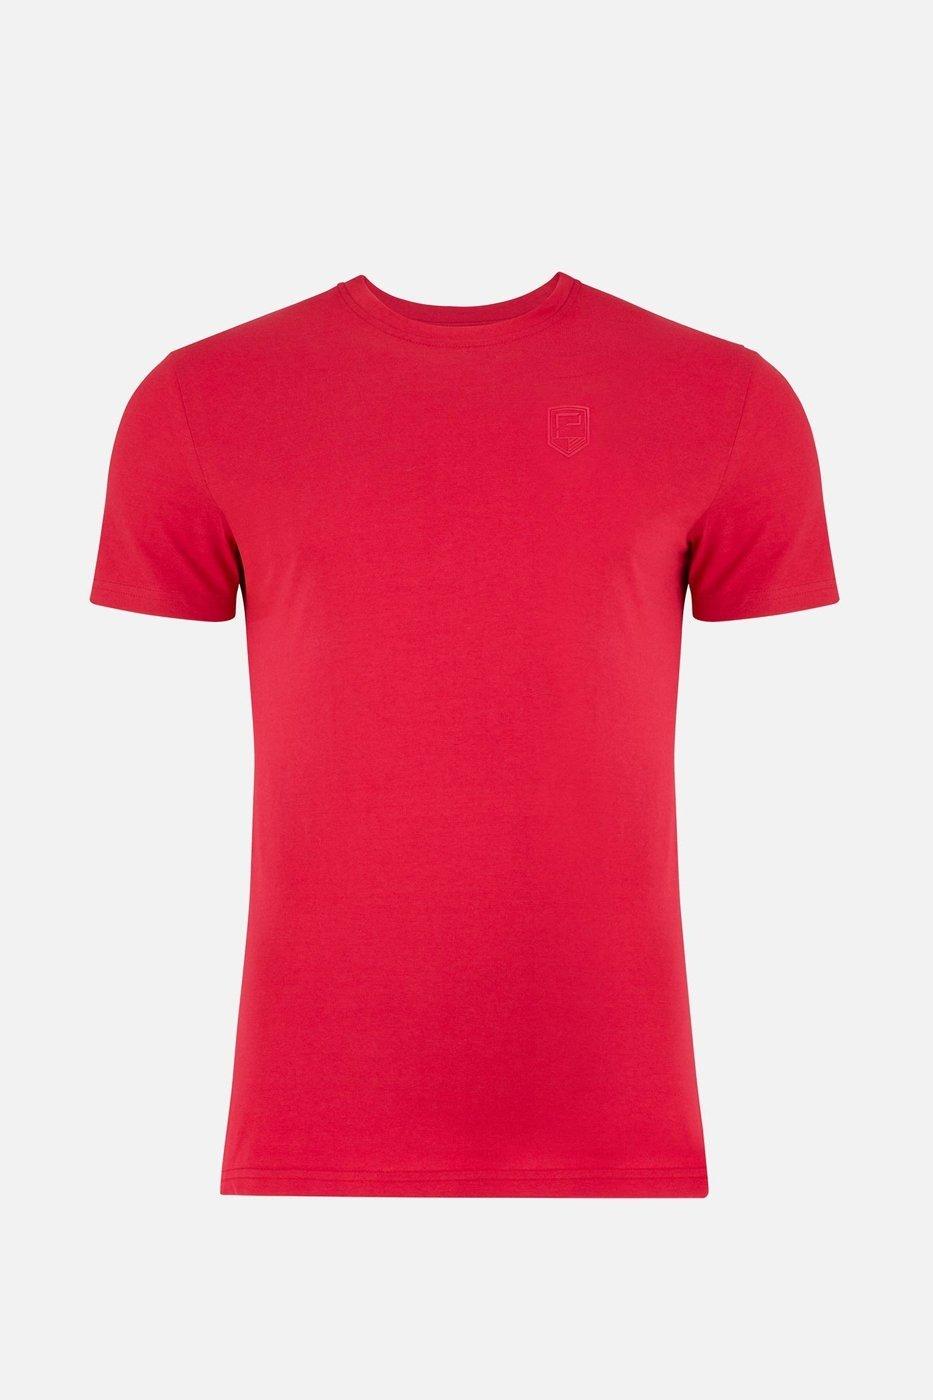 T-shirt PLM-TX-017-W